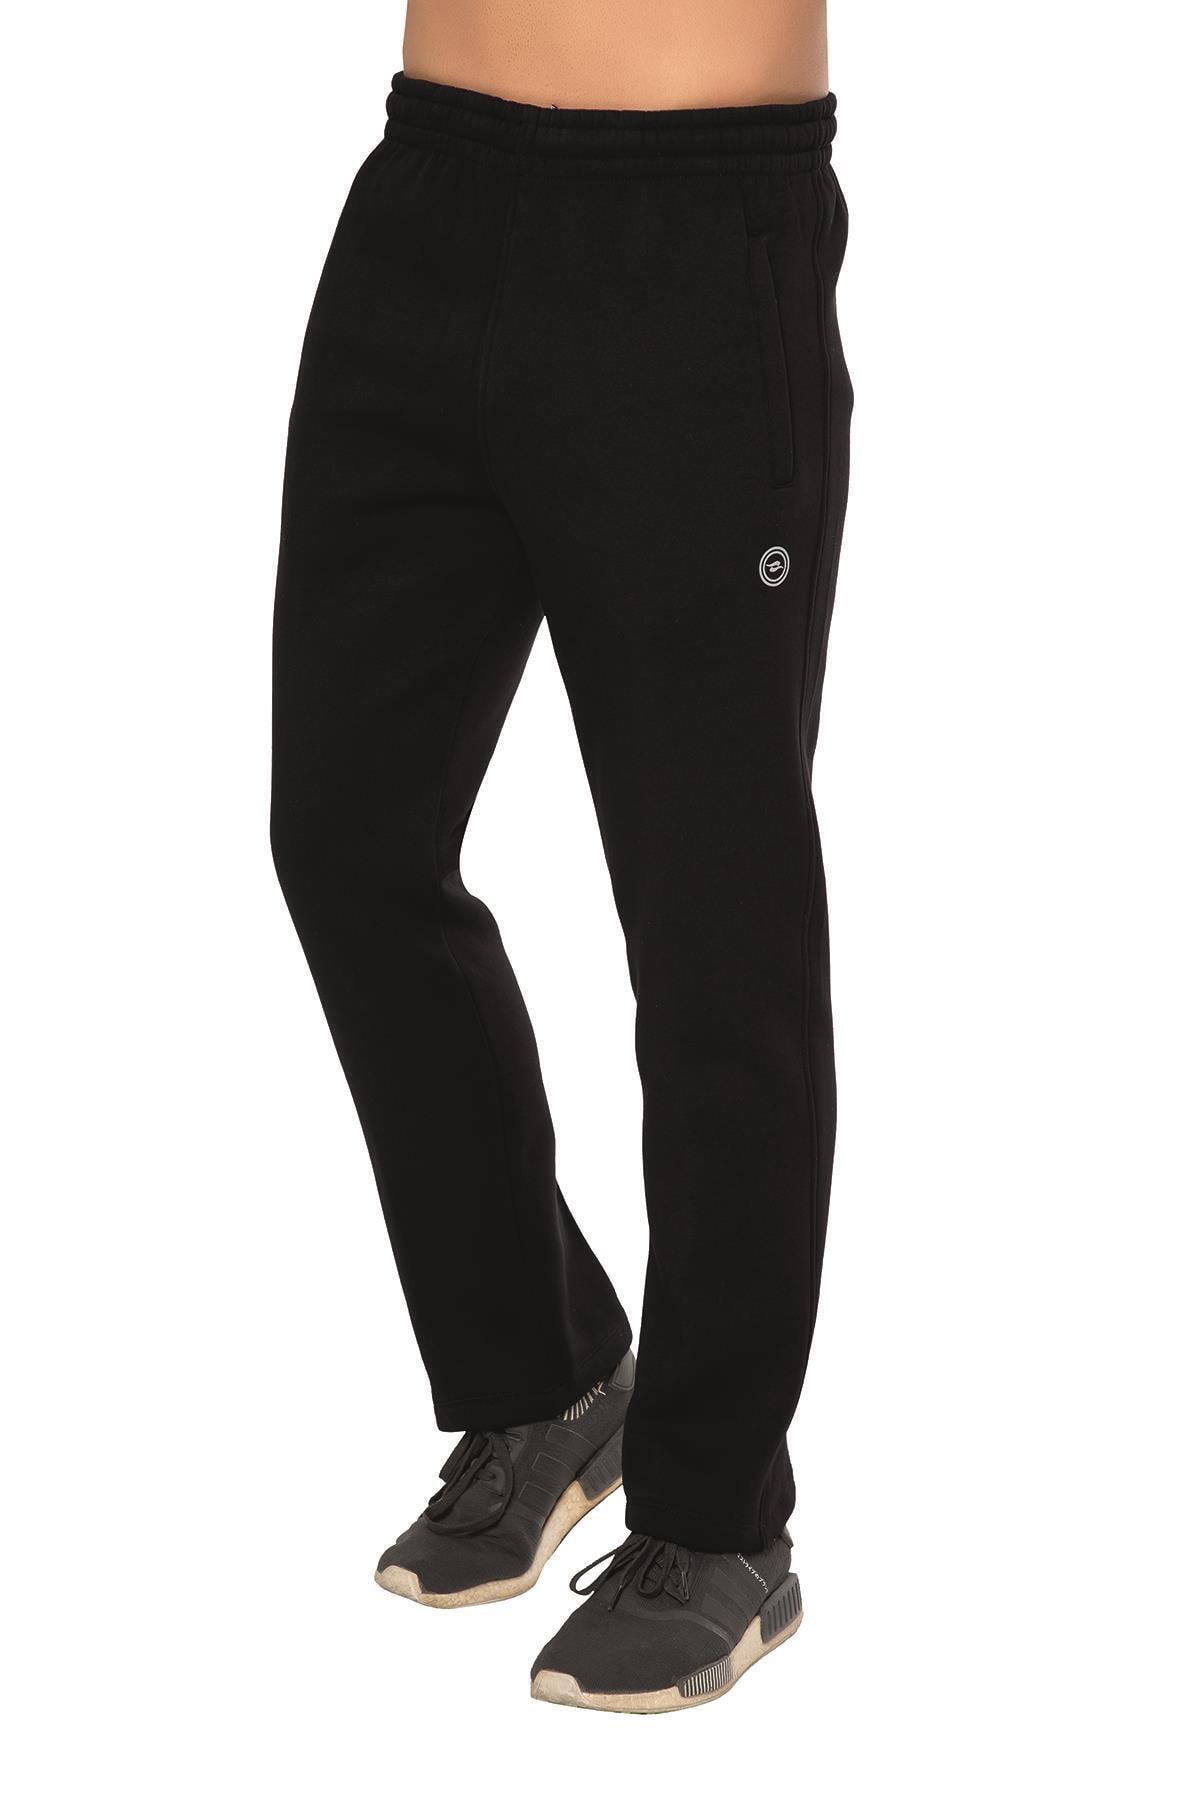 Crozwise Erkek 3 Iplik Kalın Pantolon 1